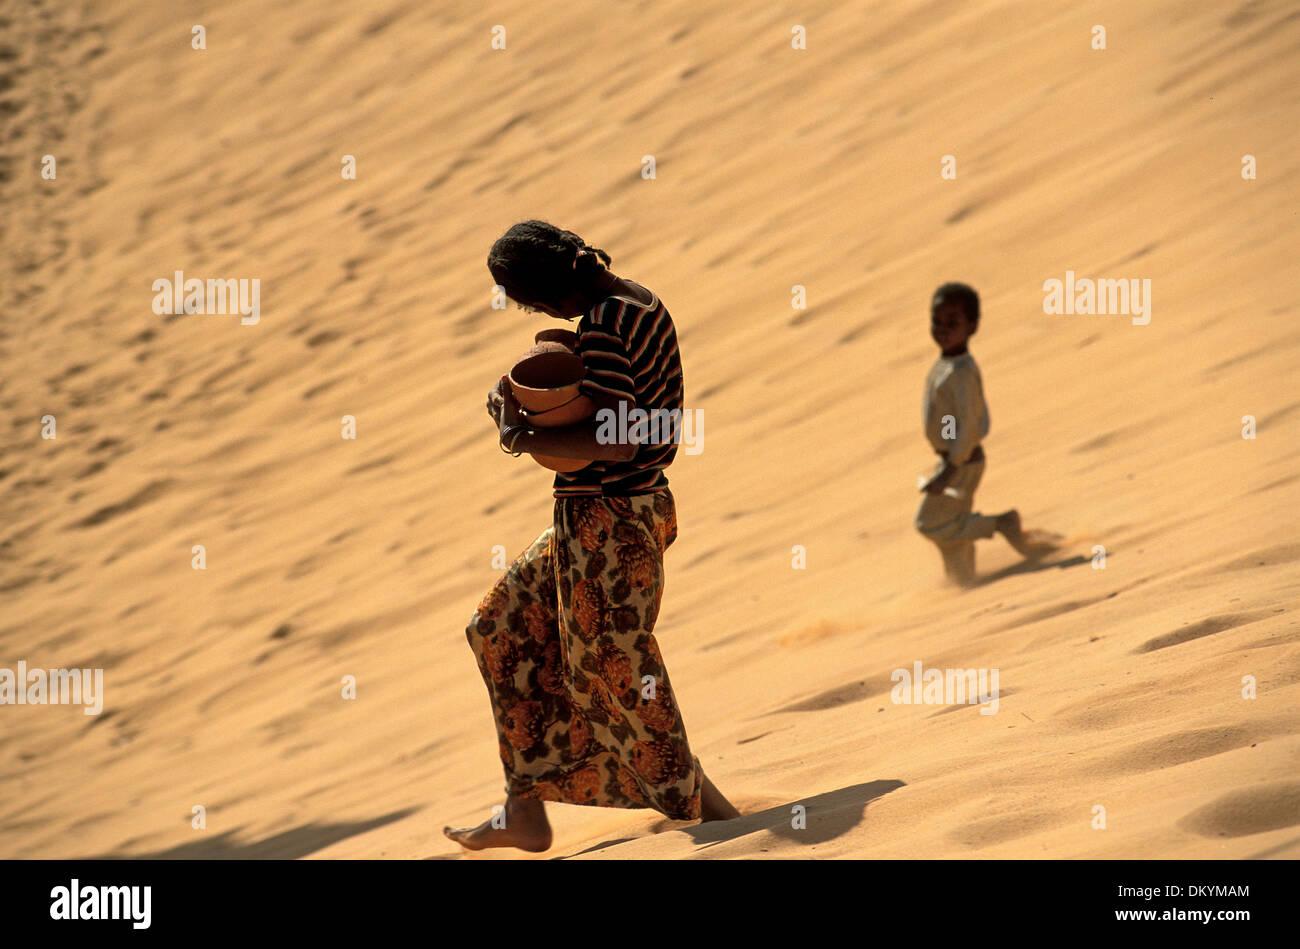 Población tuareg de Timimoun en Argelia. Imagen De Stock